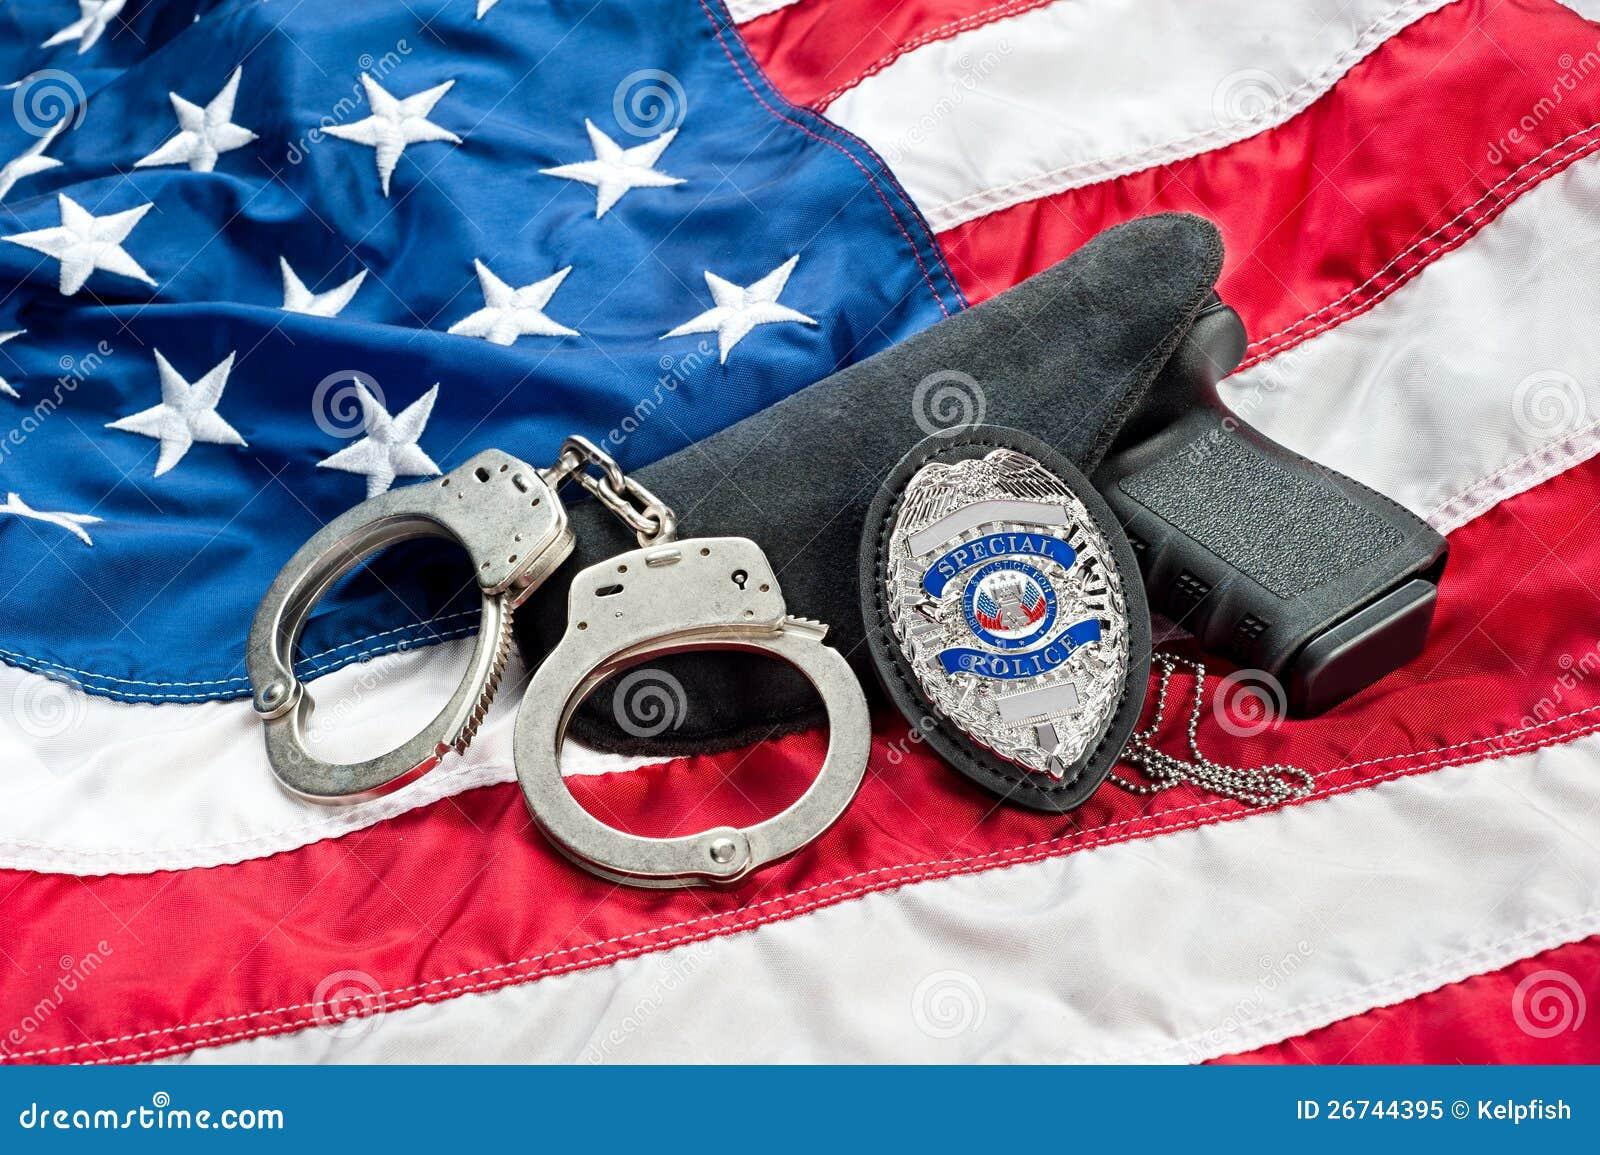 警察证章并且开枪